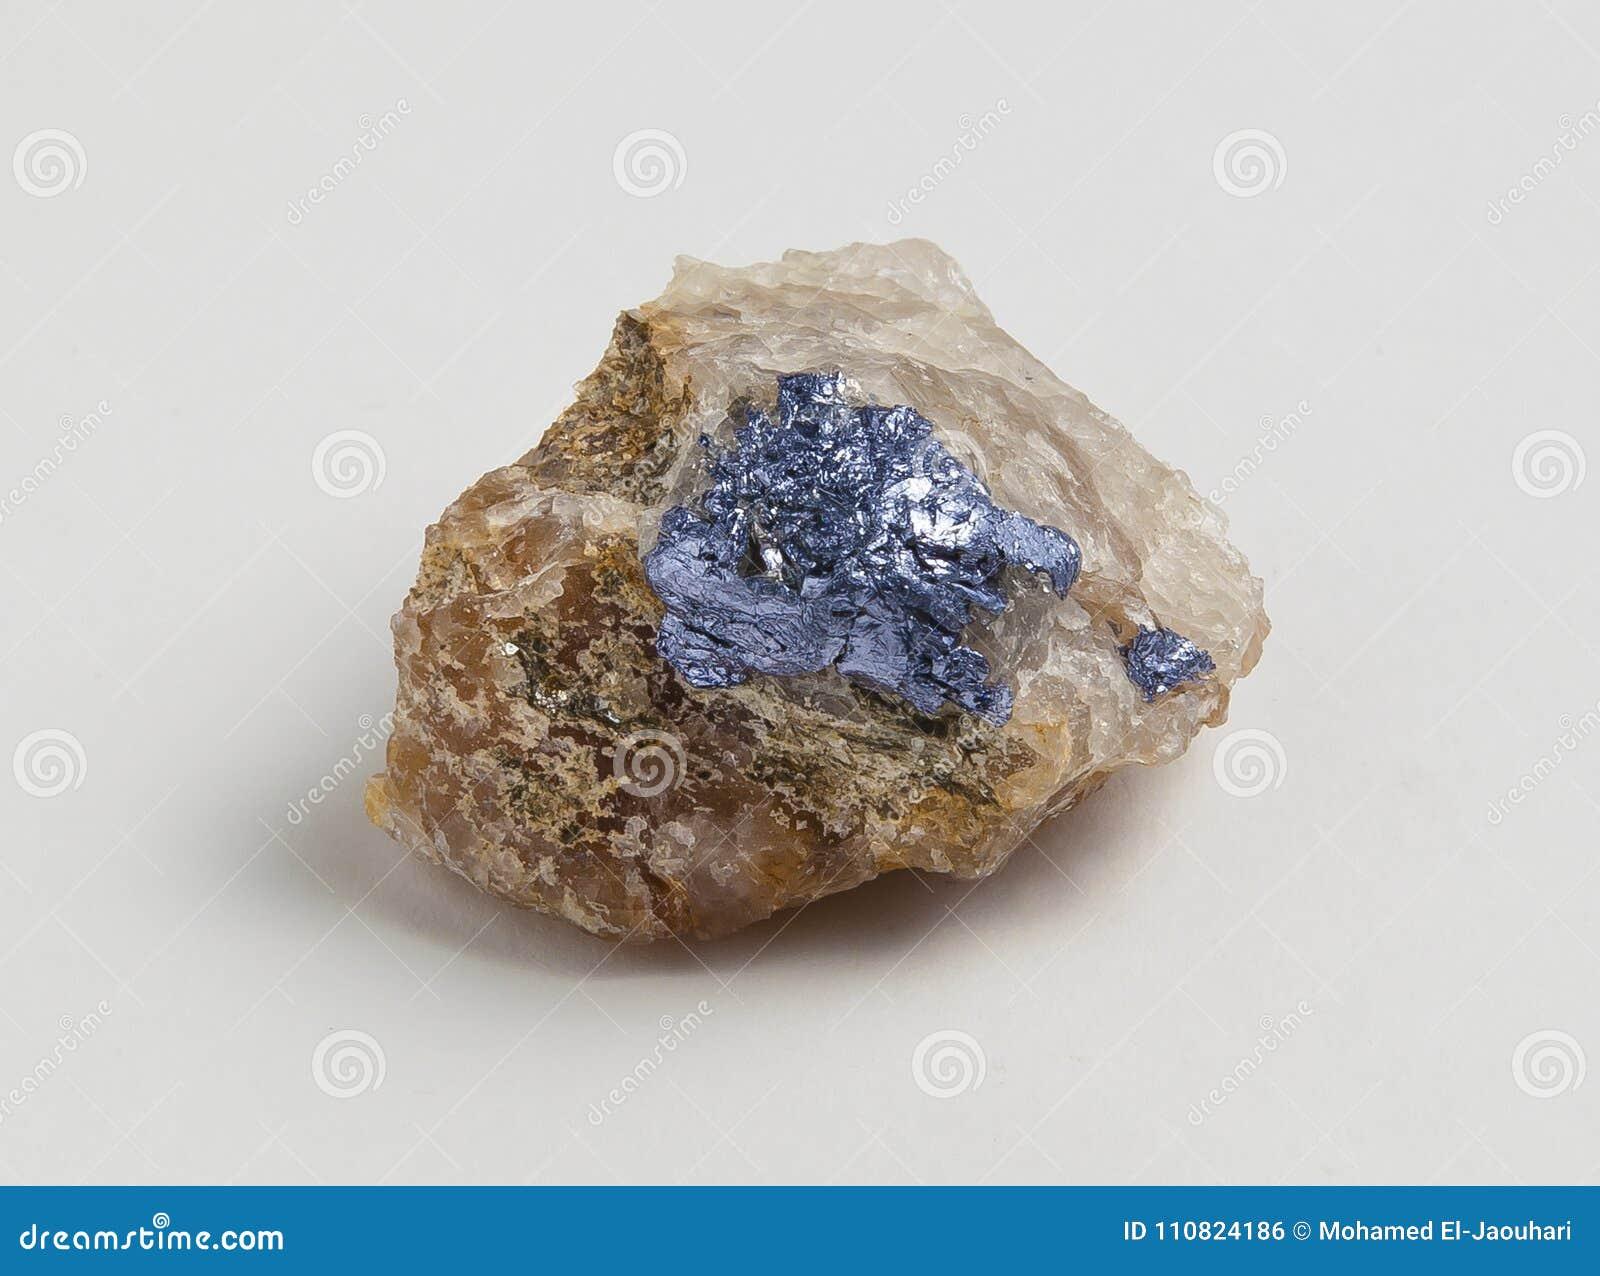 Minerale metallifero della molibdenite su fondo bianco